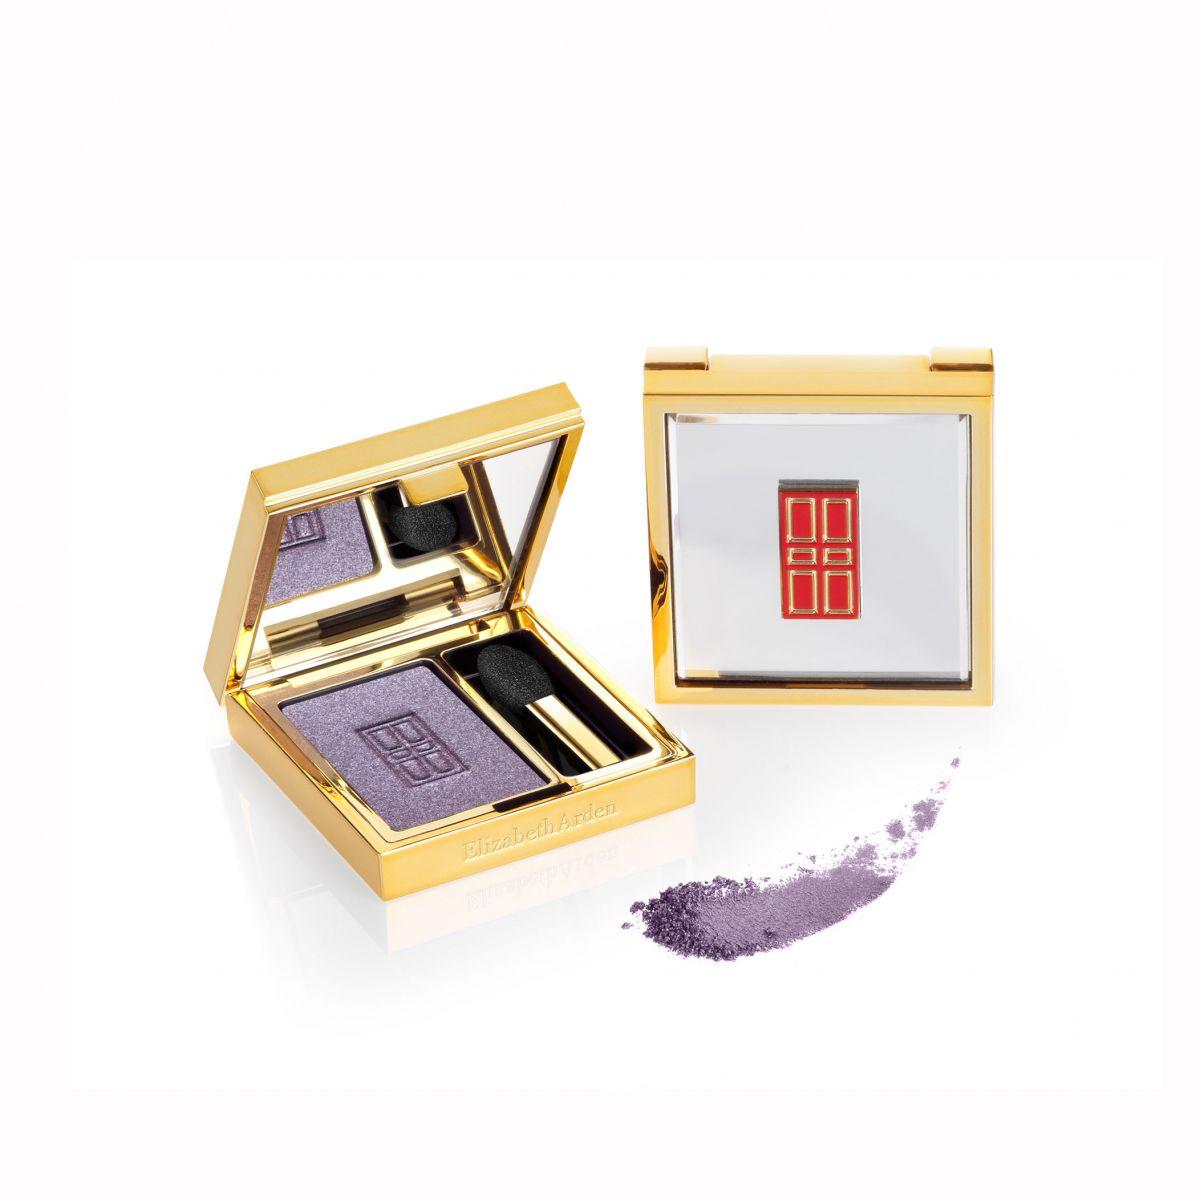 Elizabeth Arden выпустил коллекцию макияжа Beautiful Color - фото №3